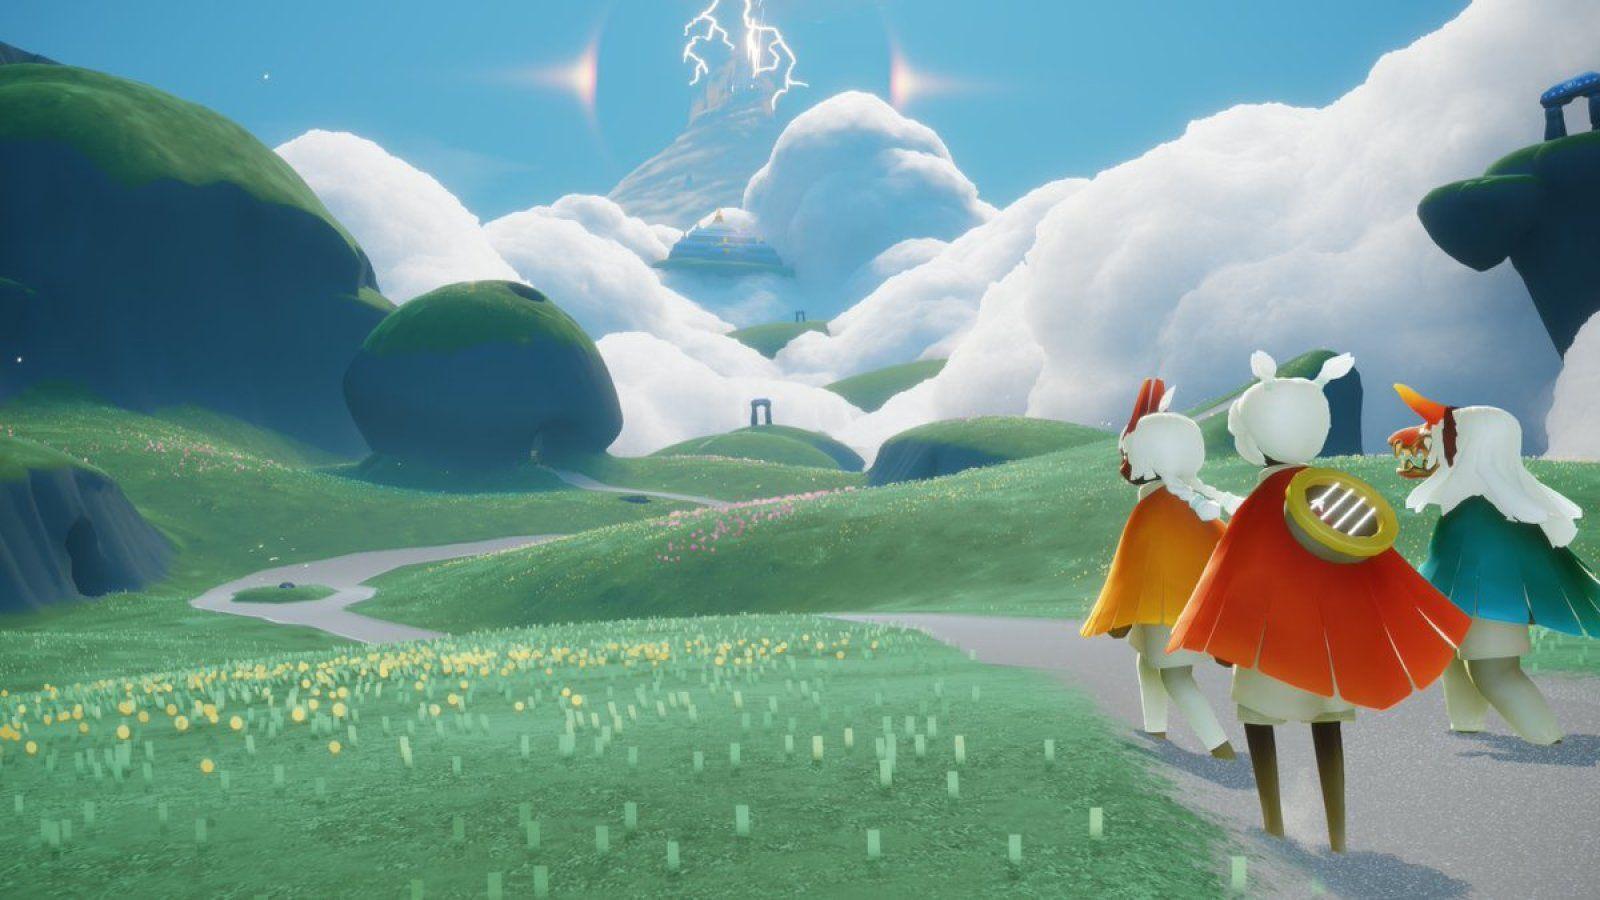 Sky : Children of light 2